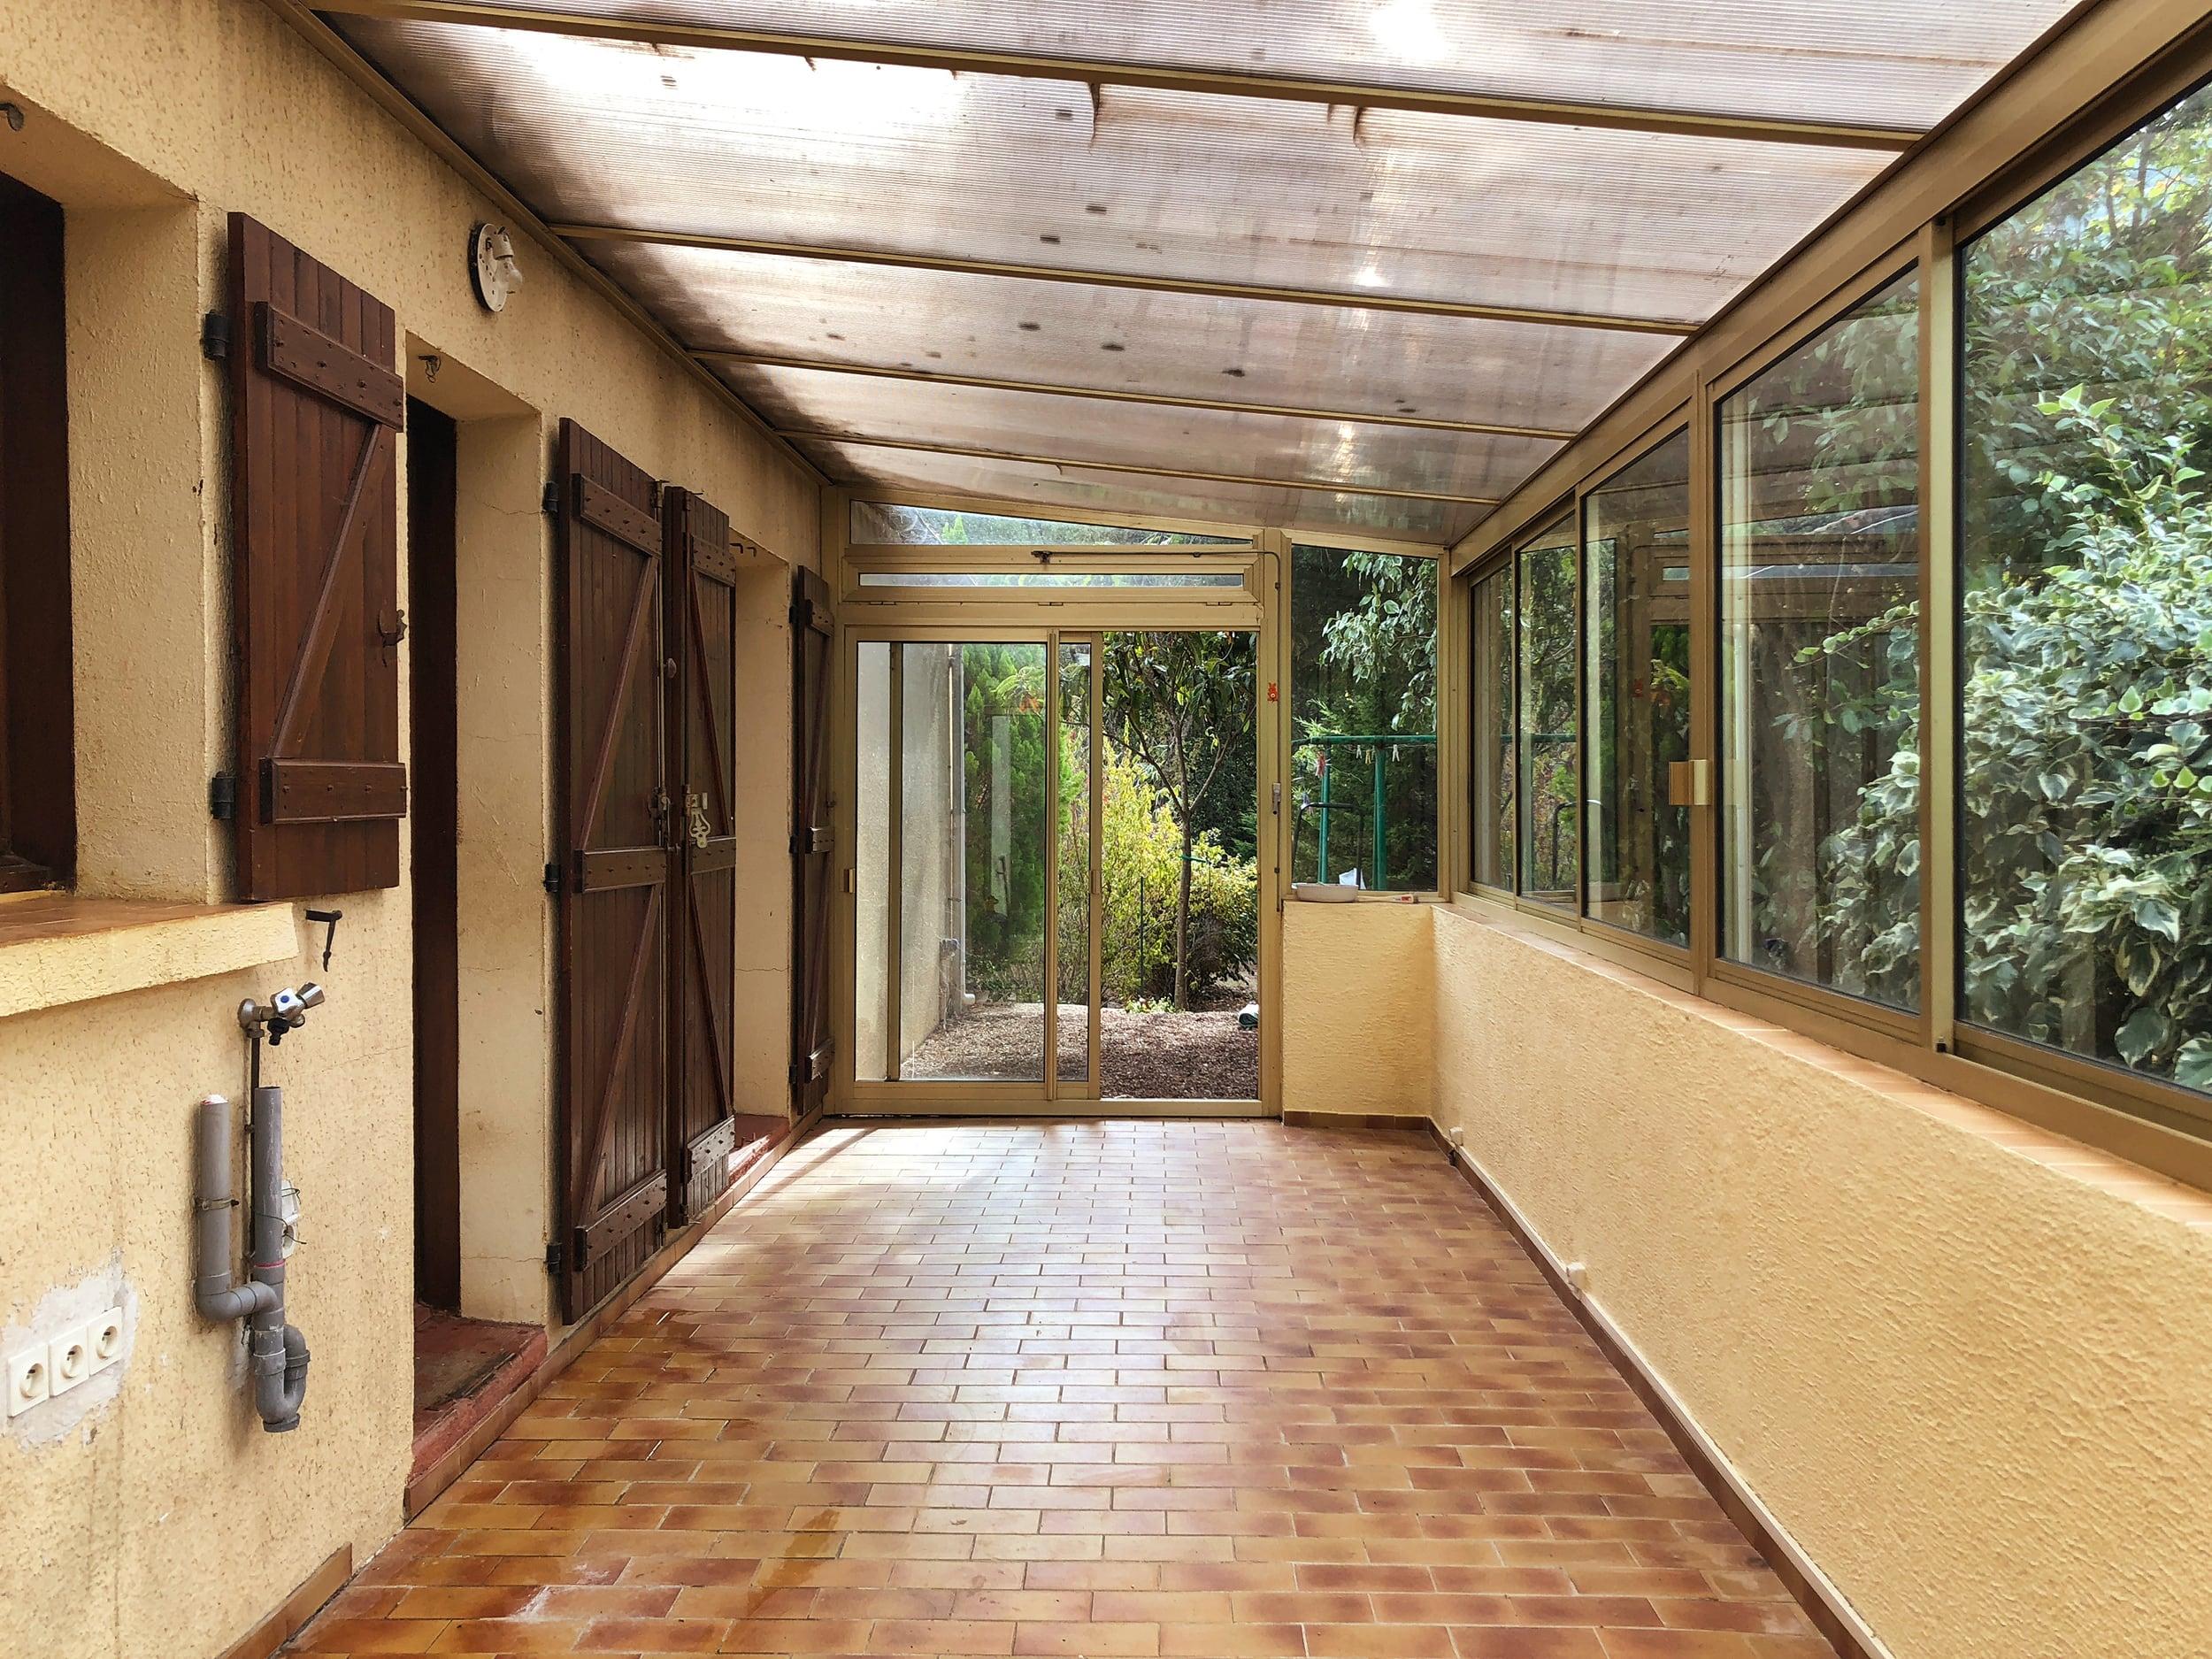 Maison-a-vendre-cevennes-veranda-01-modif.jpg